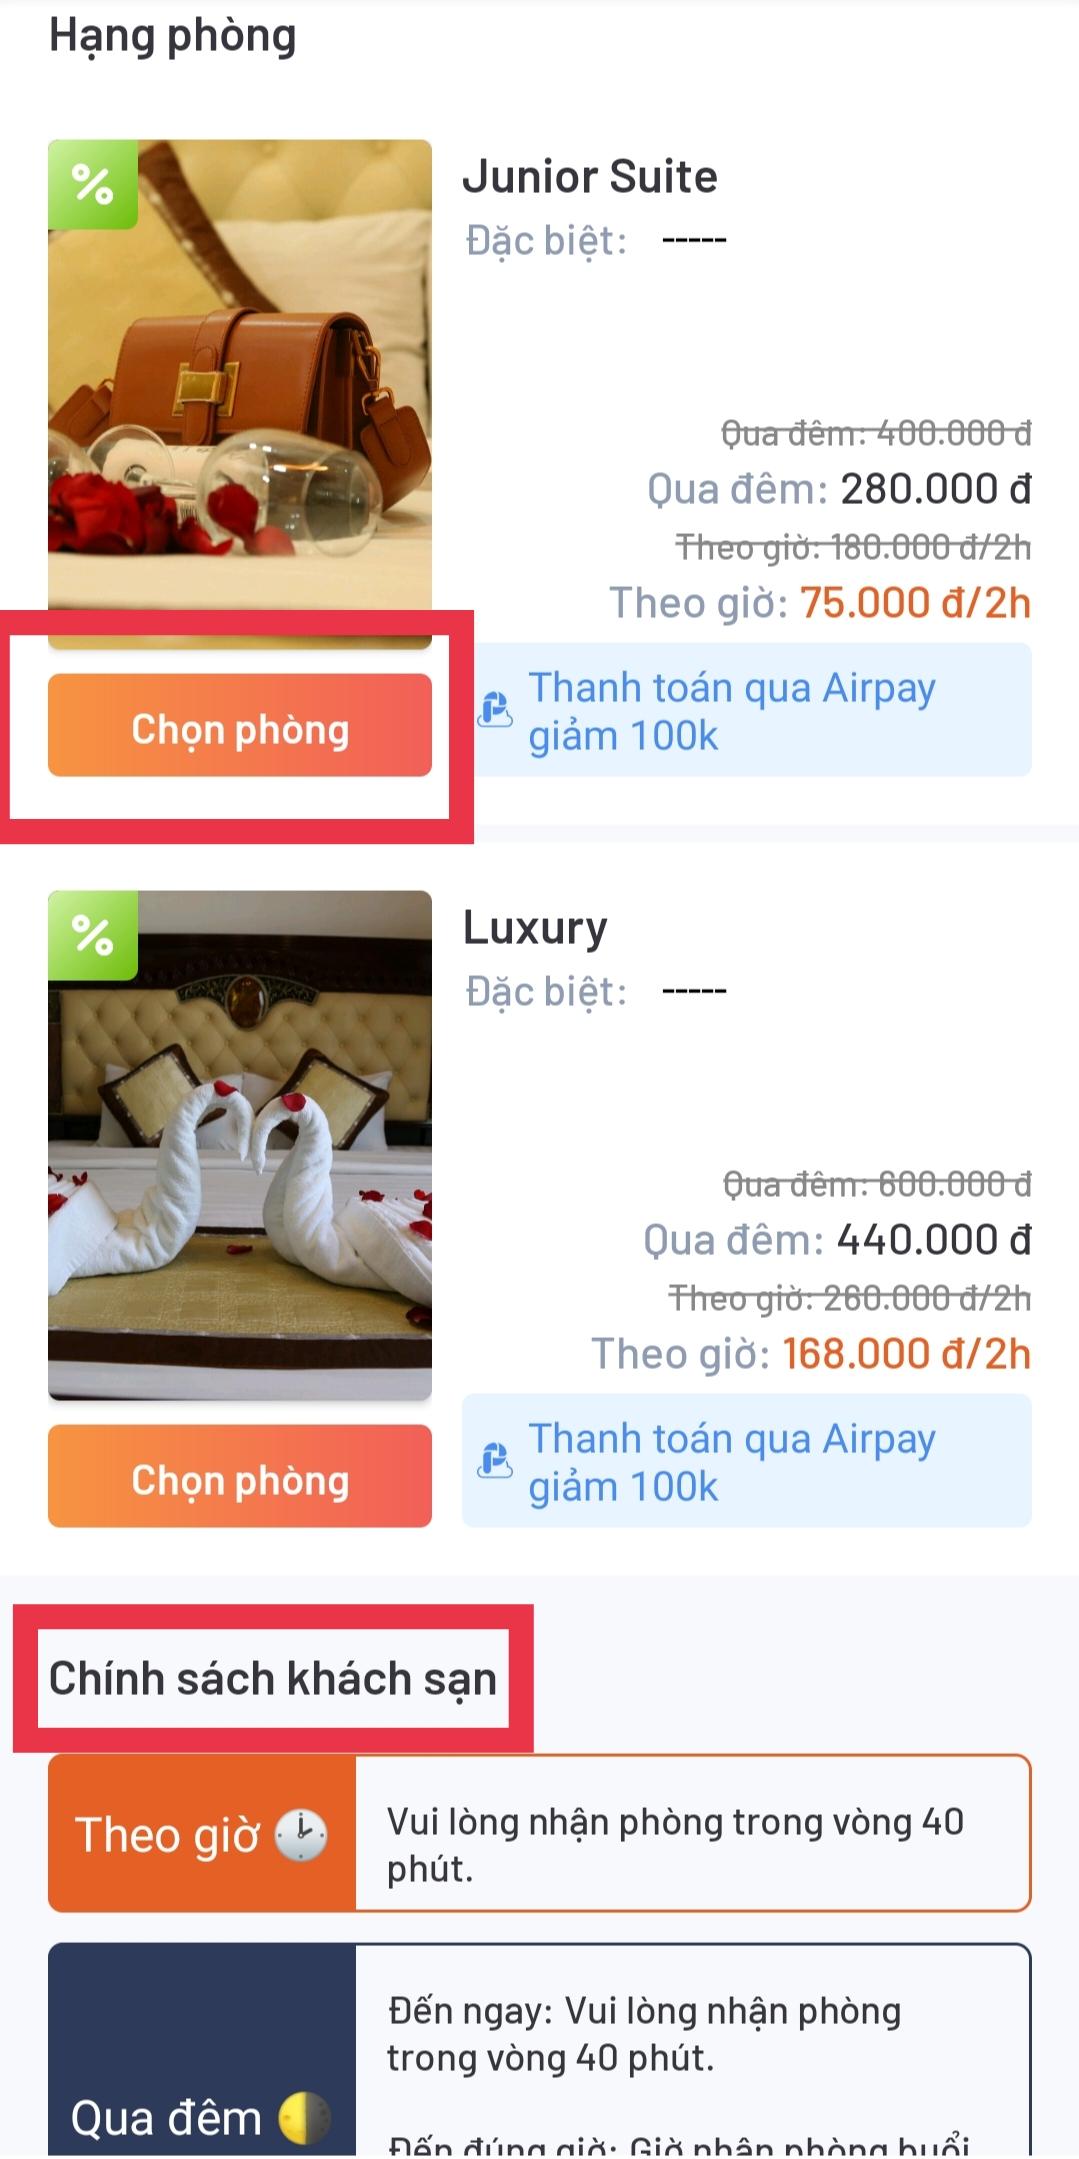 Bộ lọc thông minh cho phép bạn chọn được phòng khách sạn đúng nhu cầu với thao tác đơn giản